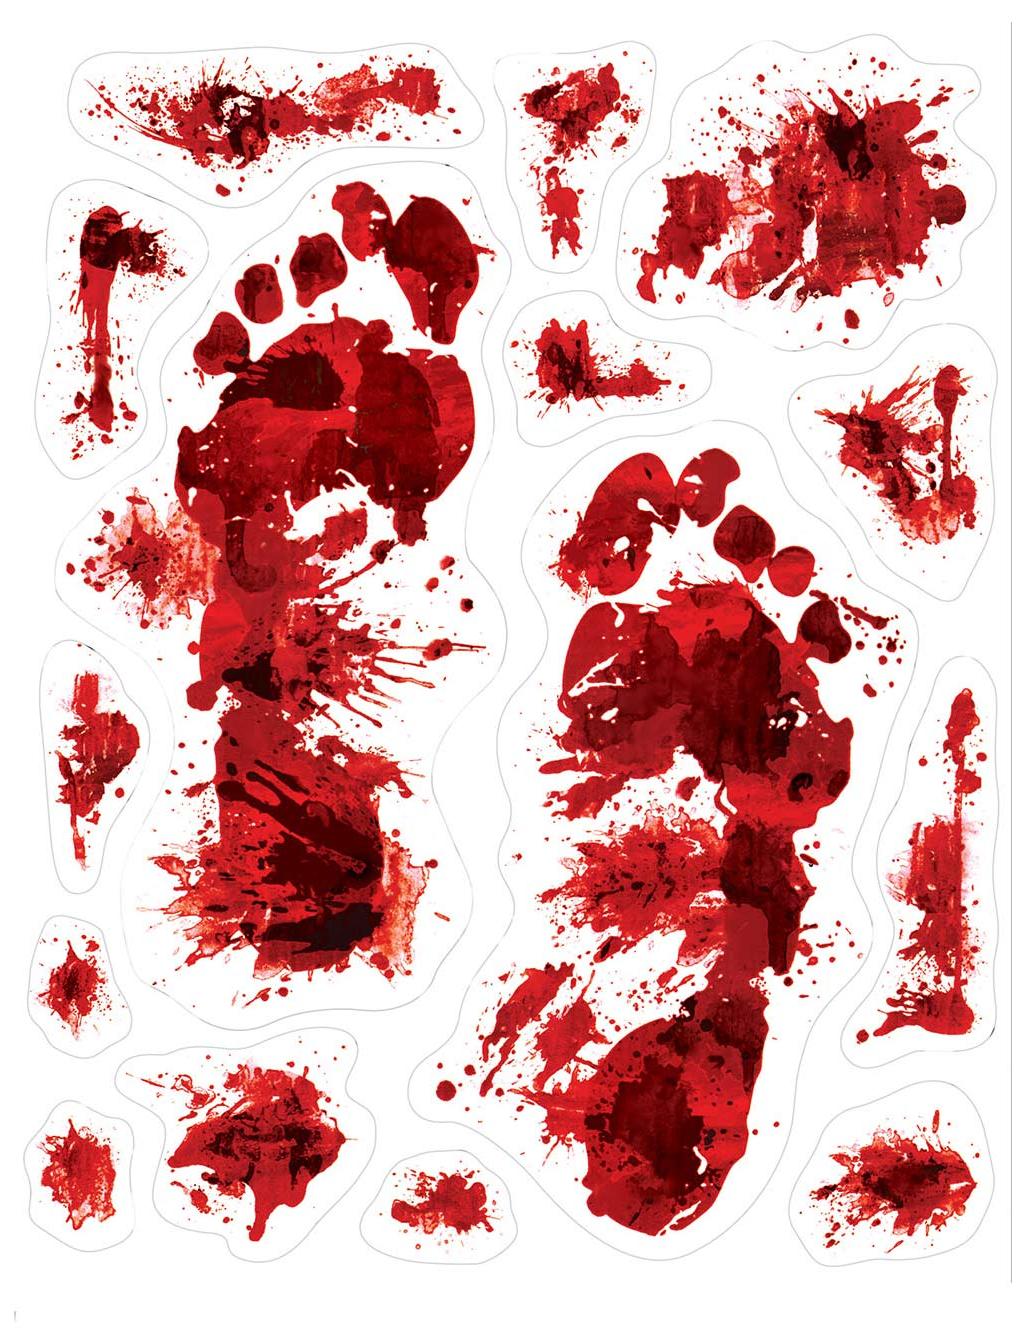 Sangre en la boca 2016 eva de dominici - 2 7